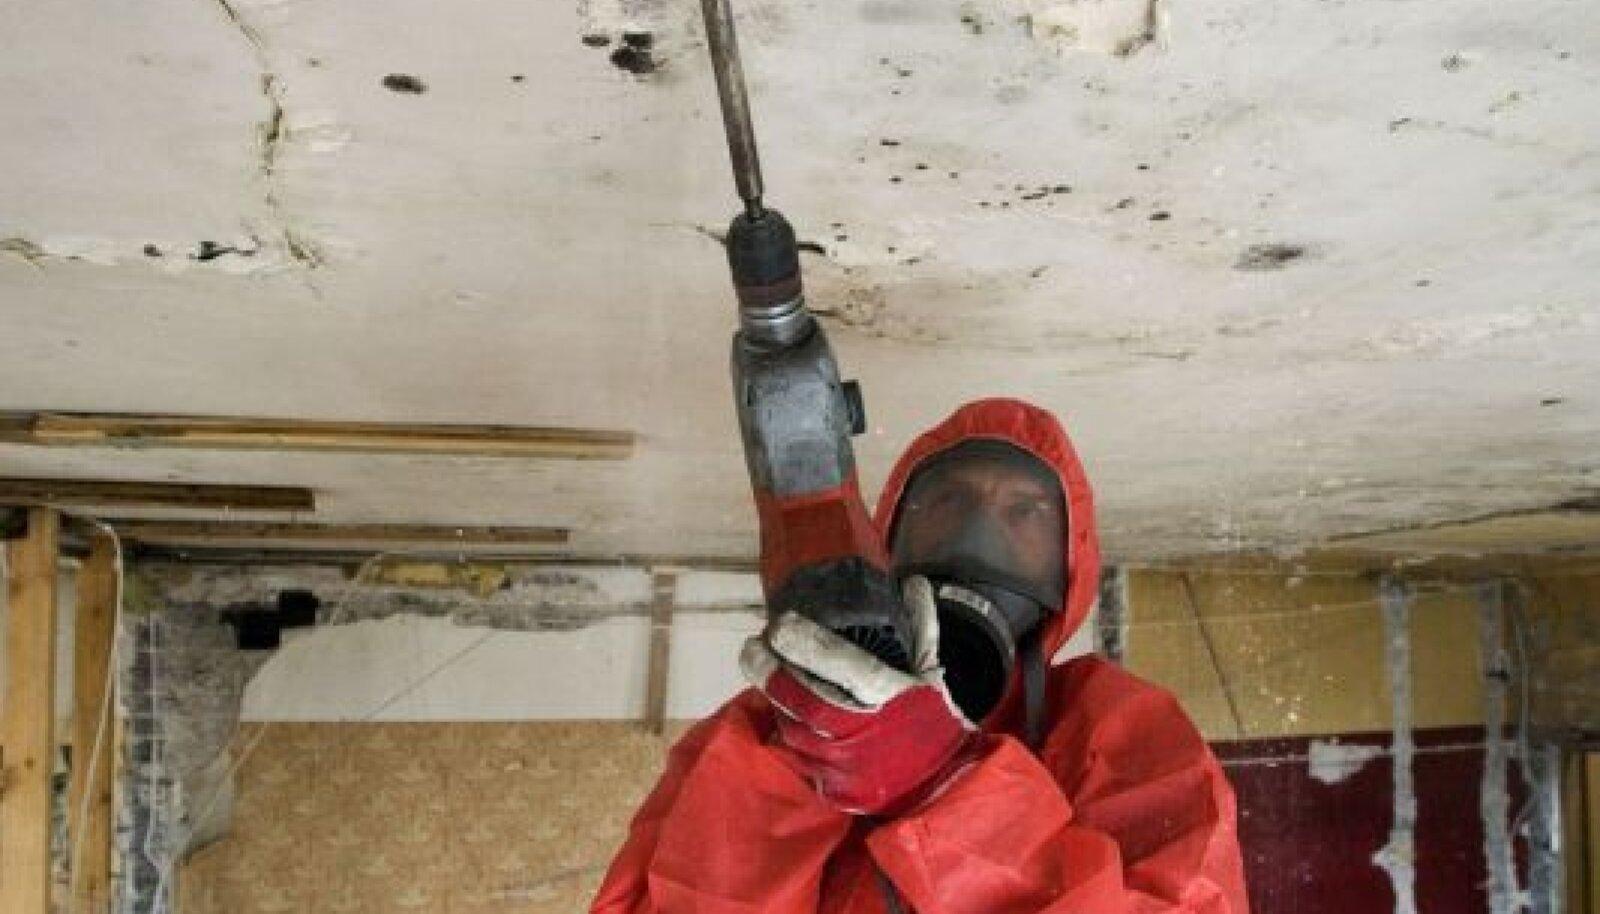 TÕRJE: Asbeko töötajad eemaldavad müügijuhi sõnul hallitust samu ohutusmeetoteid kasutades, mis muidu leiavad rakendamist asbestitöödel.